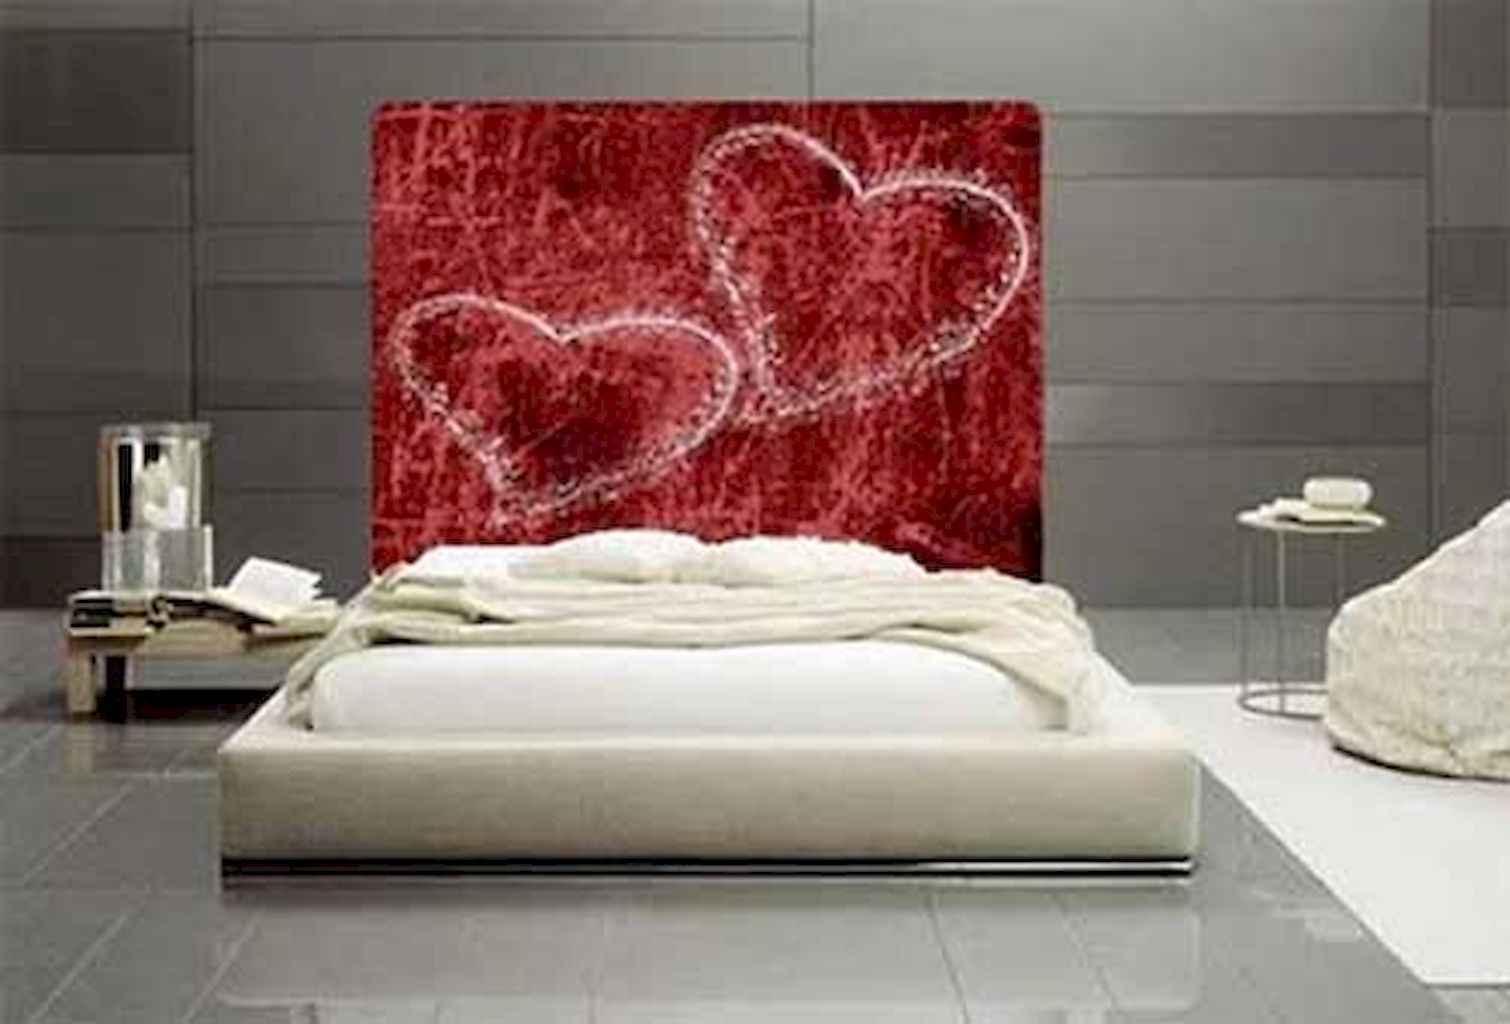 50 Romantic Valentine Bedroom Decor Ideas (37)